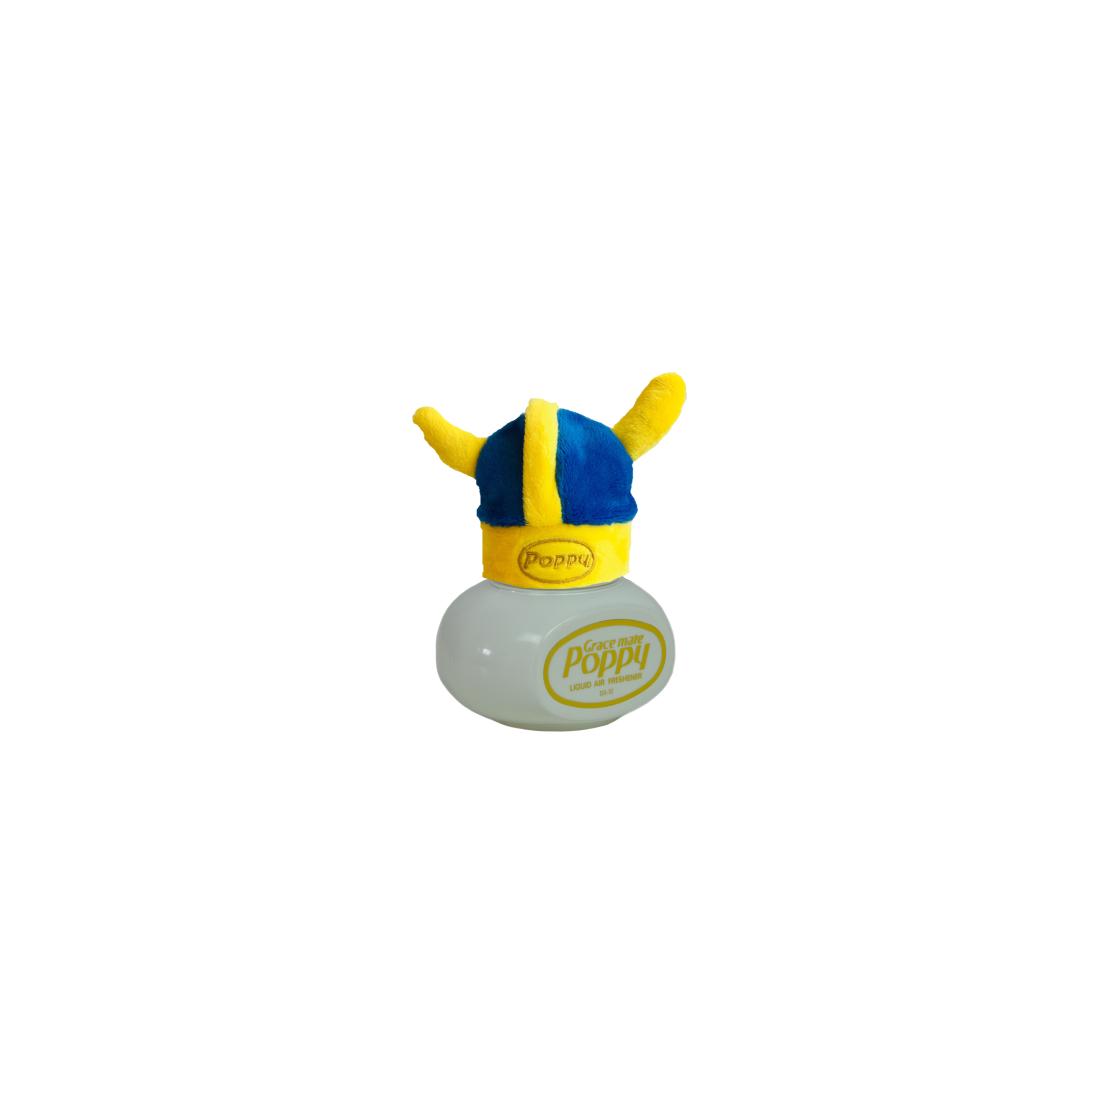 POPPY cap SWEDEN